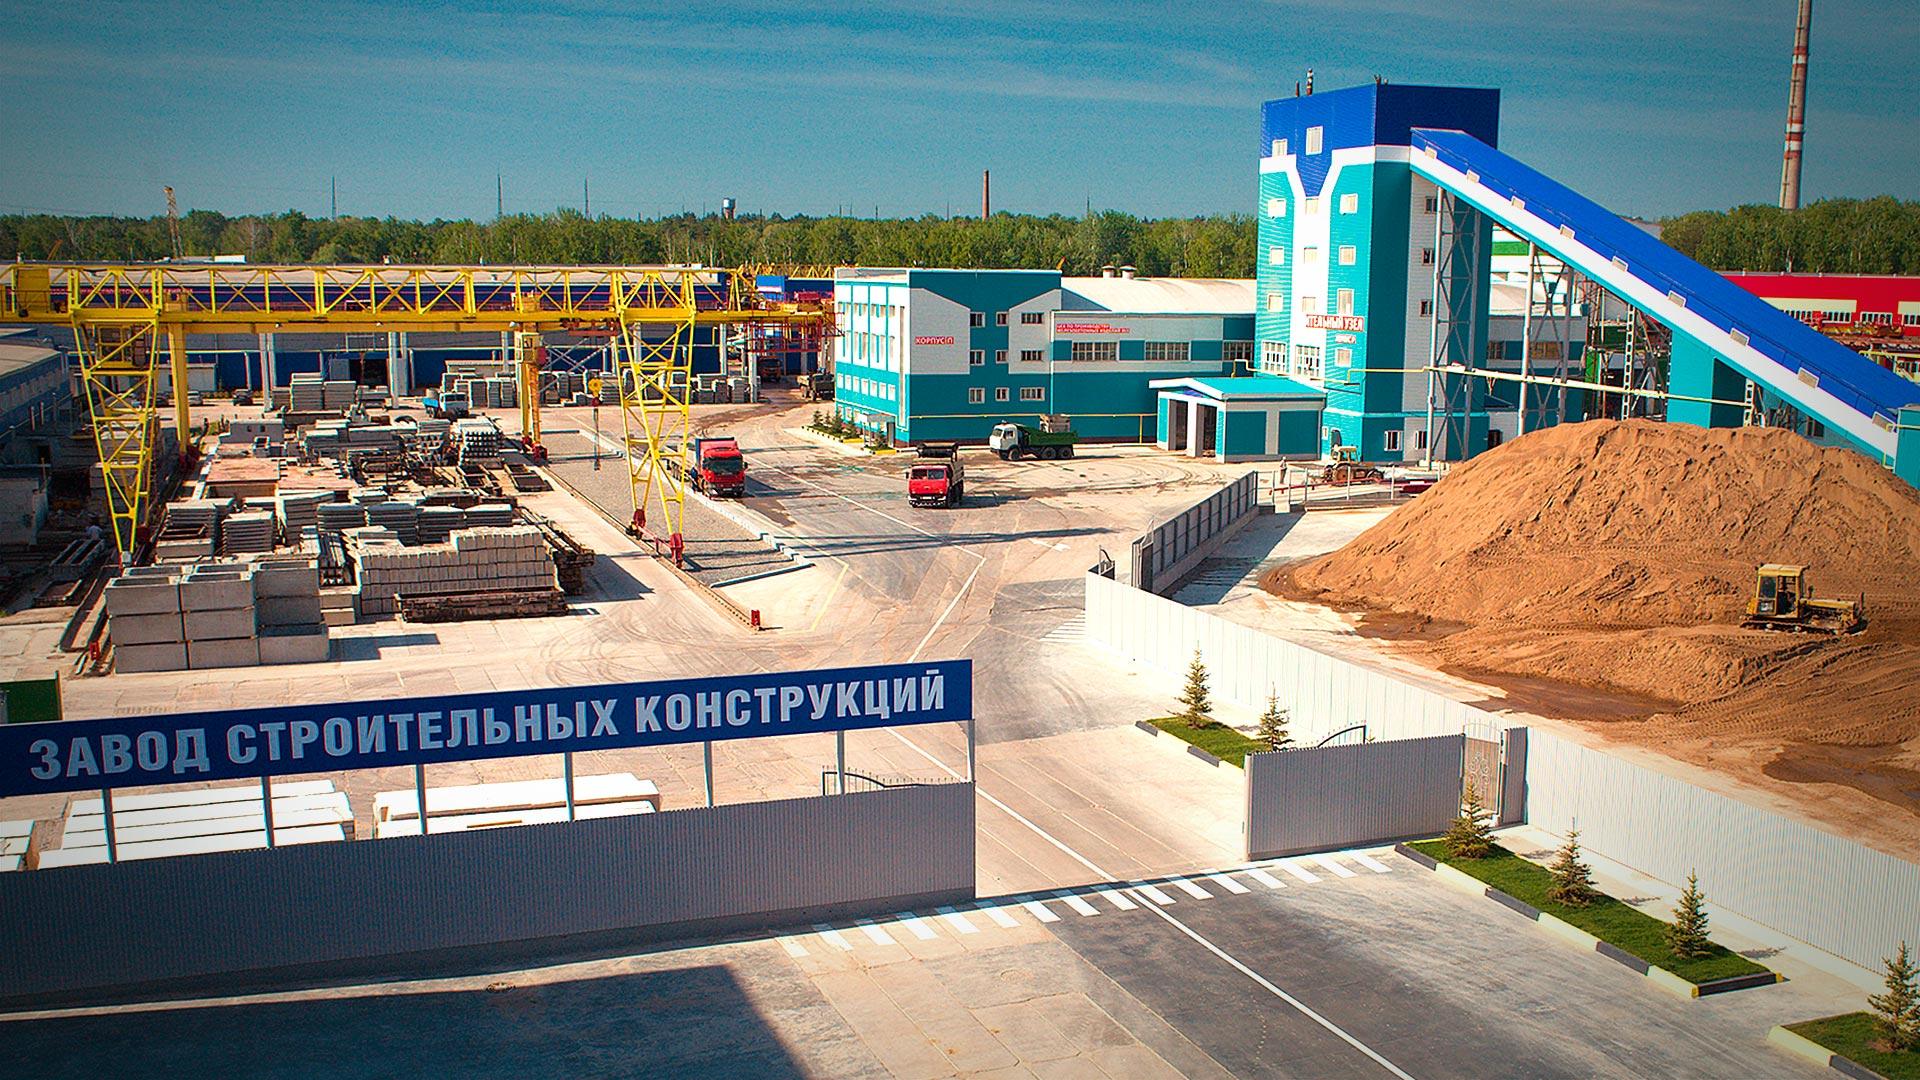 ооо завод строительных конструкций бетон